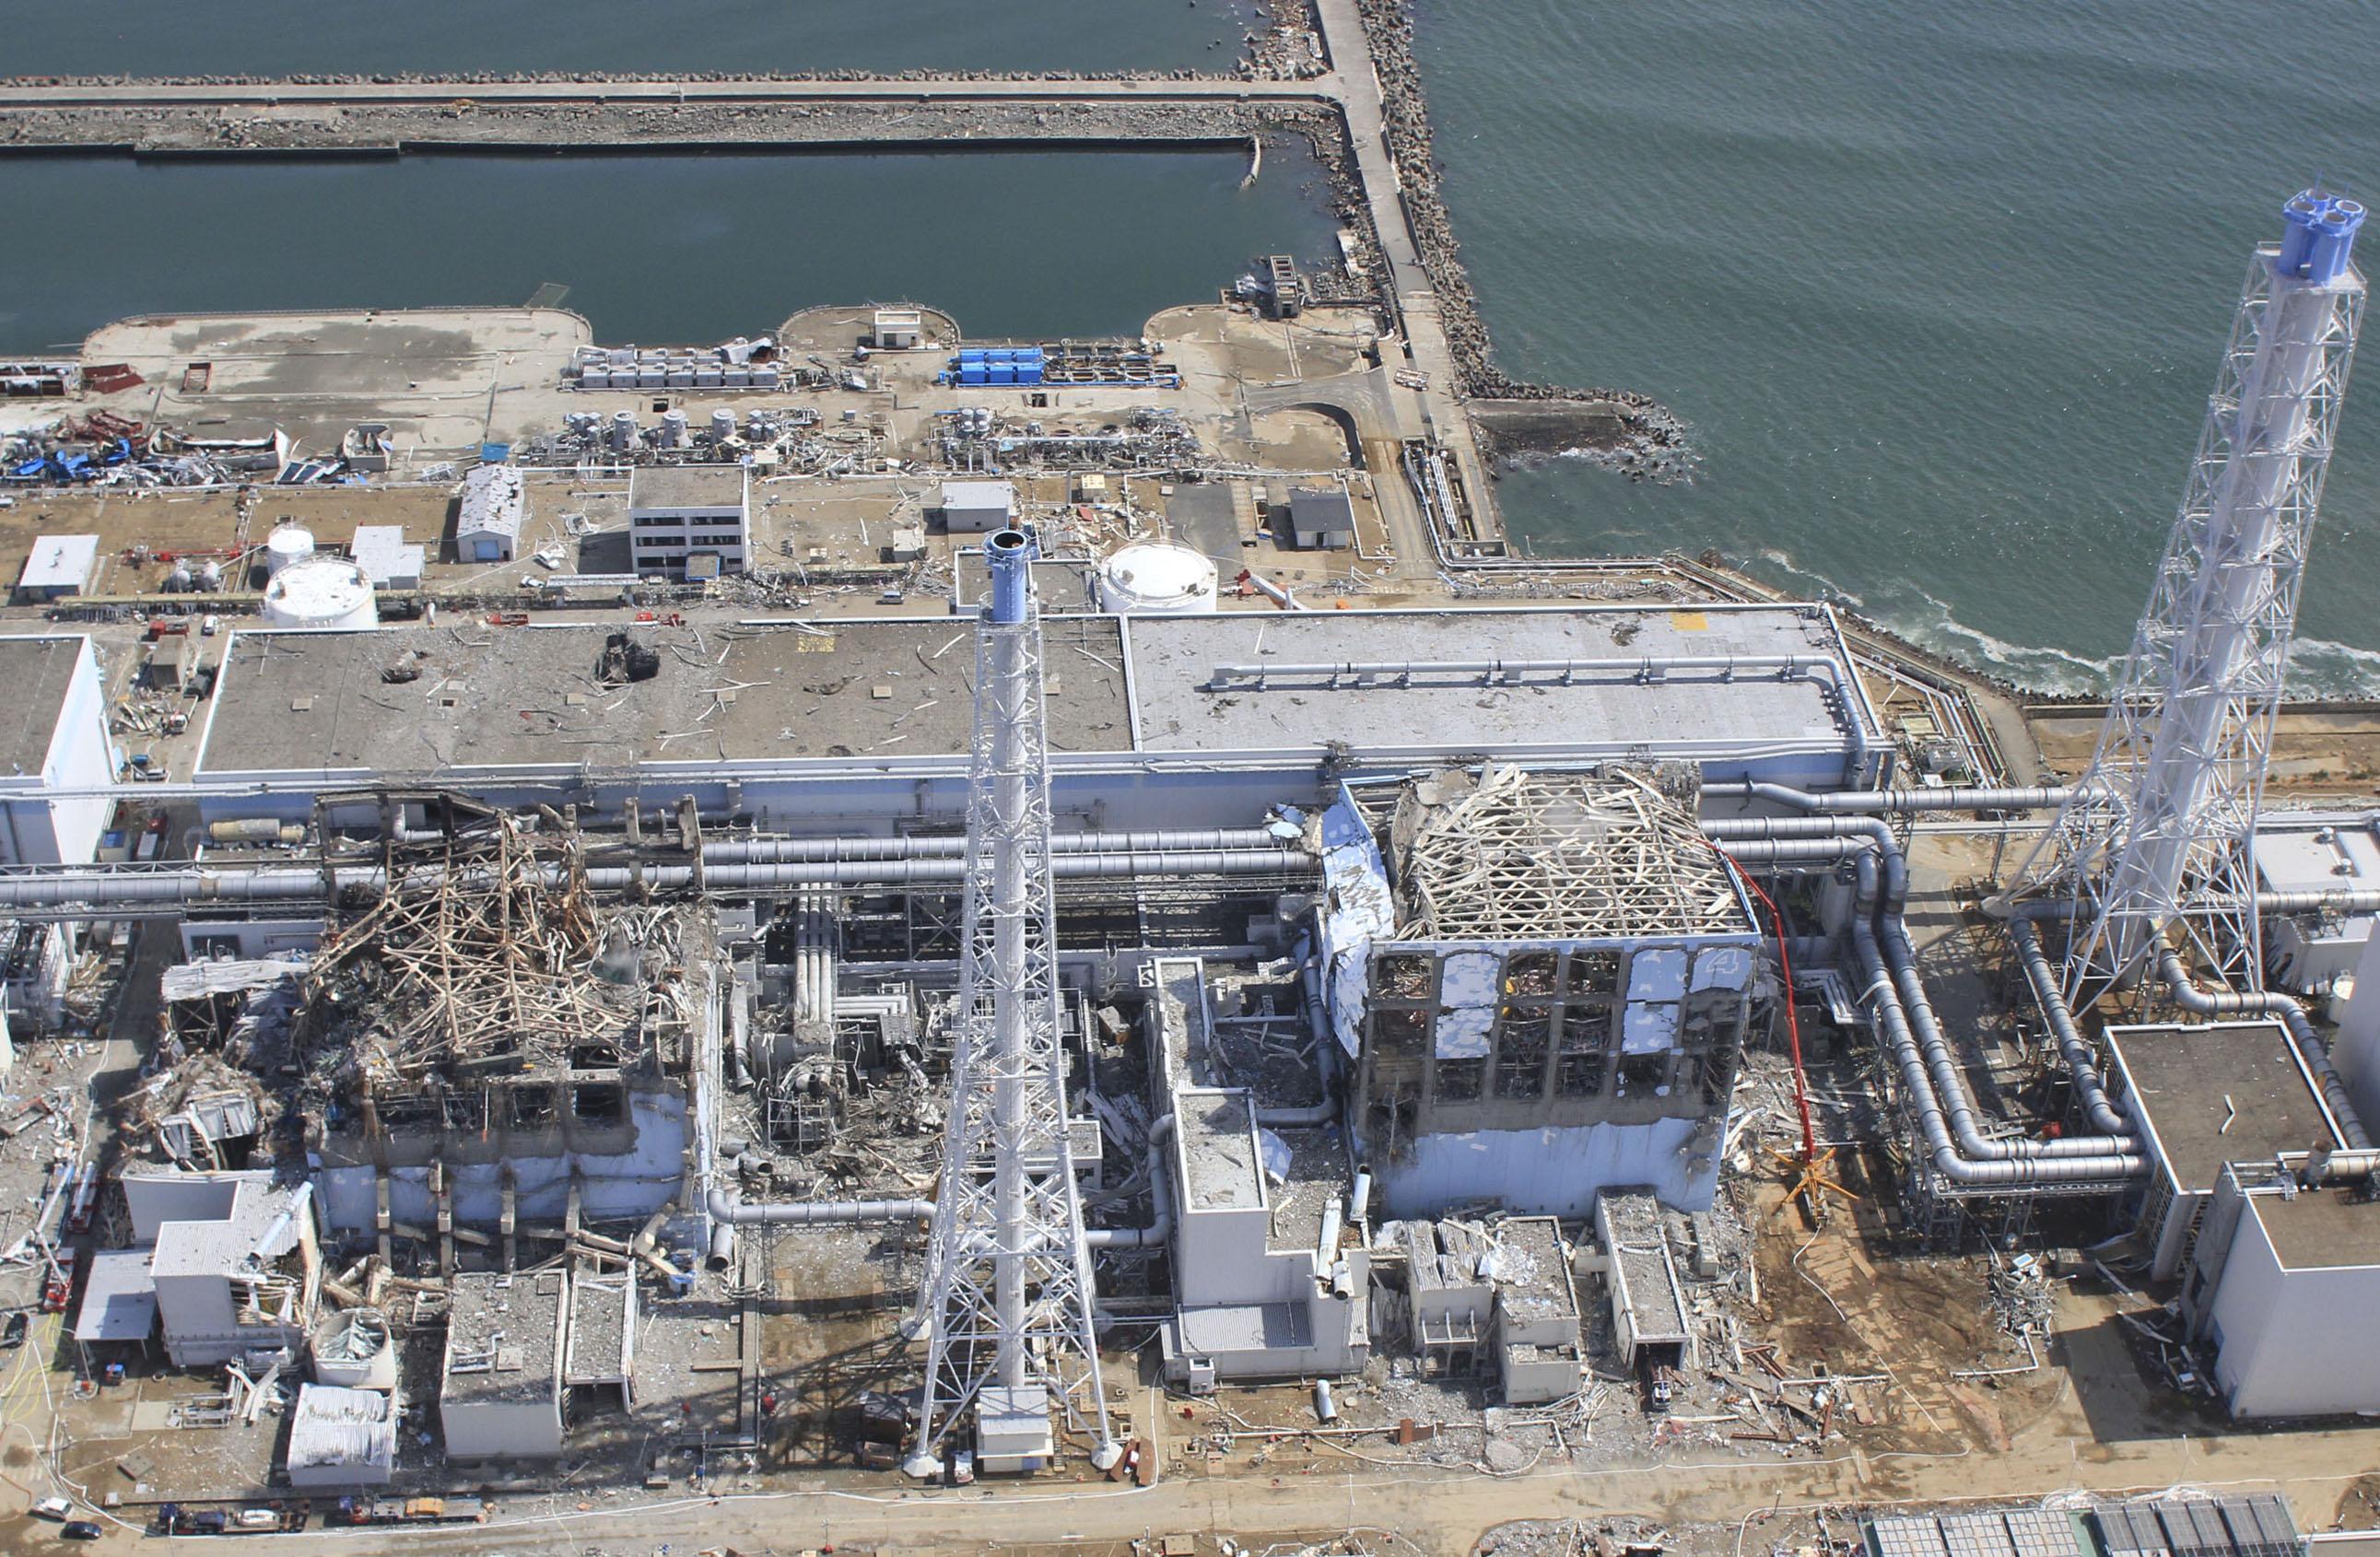 На АЭС «Фукусима-1» обнаружены масштабные повреждения фильтров радиоактивной воды